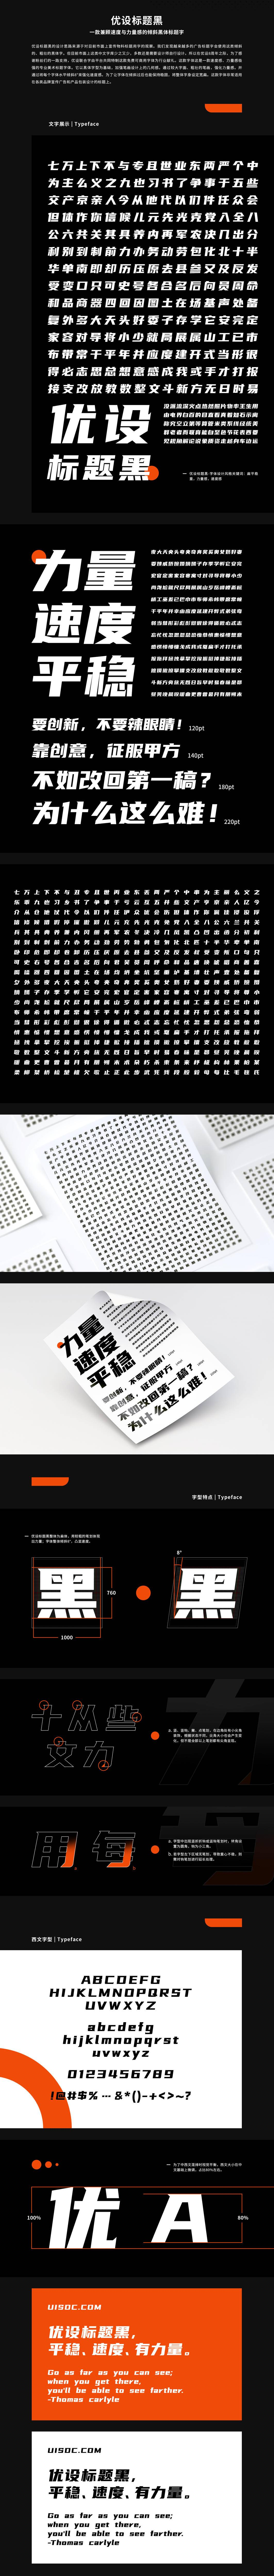 火热下载!优设首款免费可商用中文字体「优设标题黑」来啦!